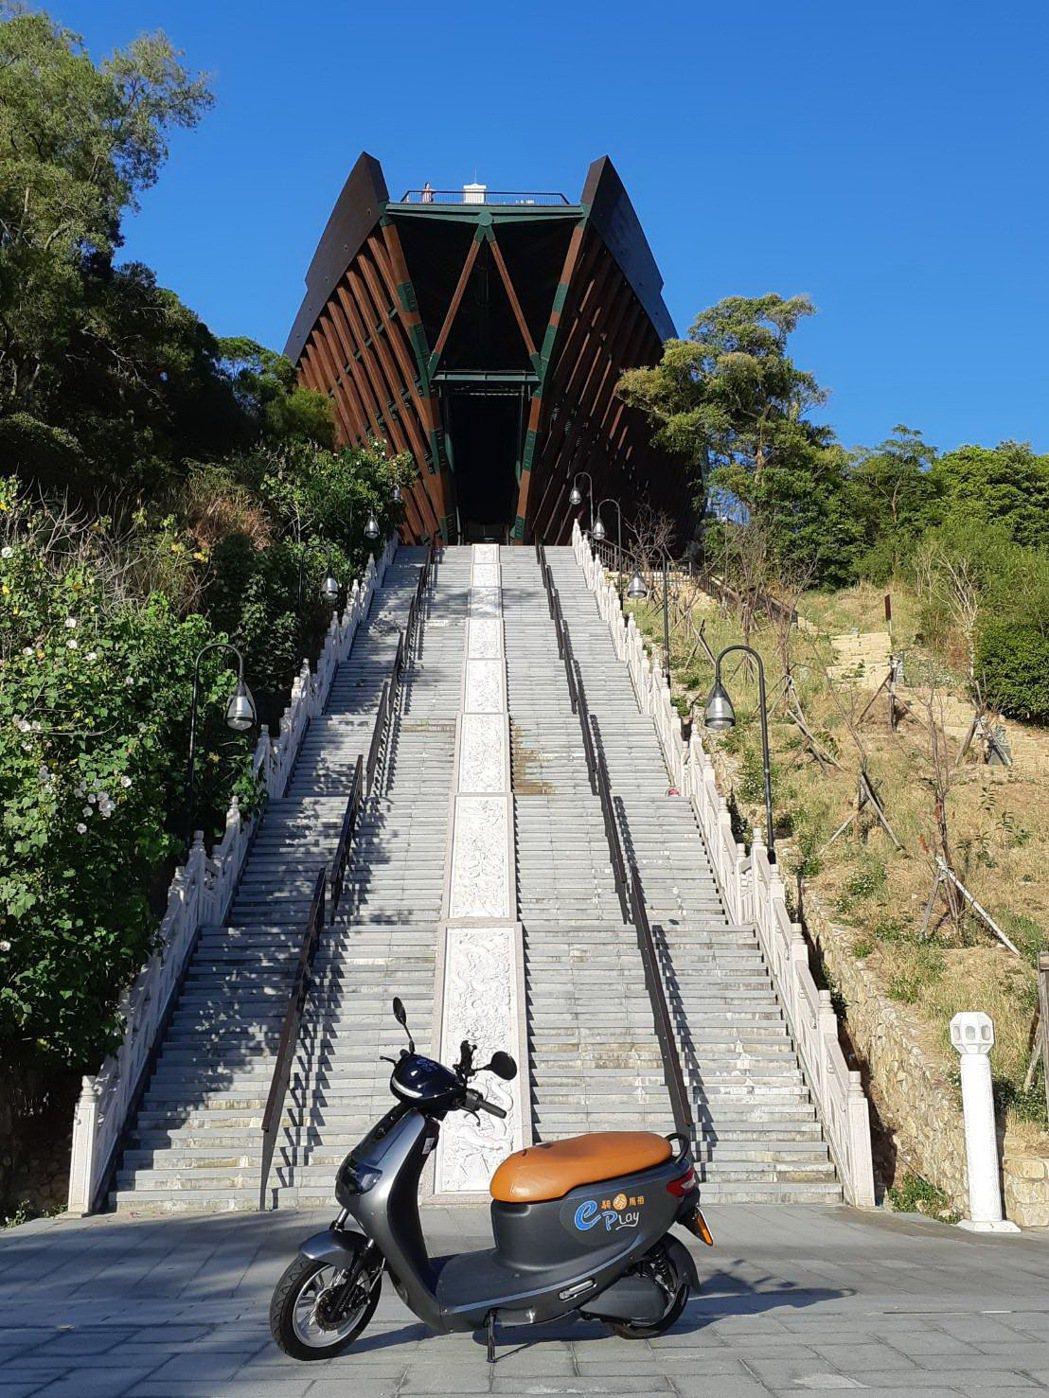 旅客至馬祖遊玩可下載e騎玩馬祖app預定iE125一手打包馬祖旅遊景點。 圖/中...